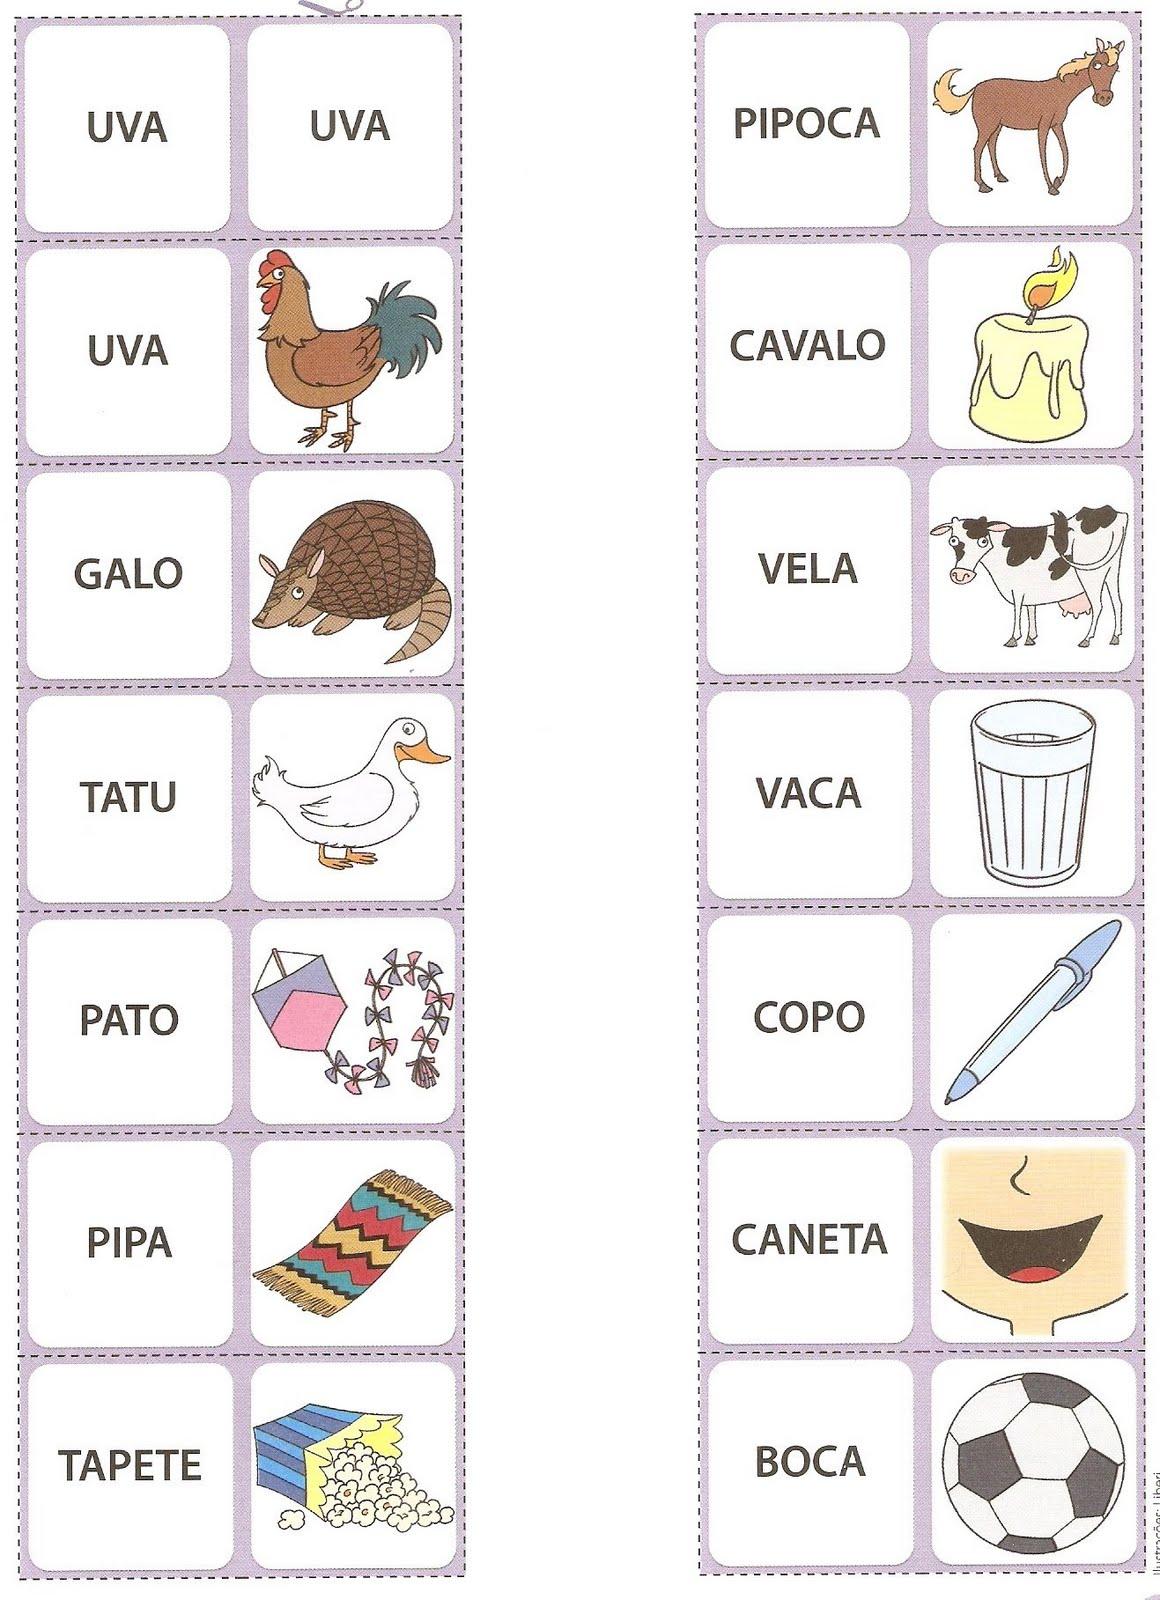 Blog da tia jaque domin de palavras para alfabetizar for C m r bagnolet